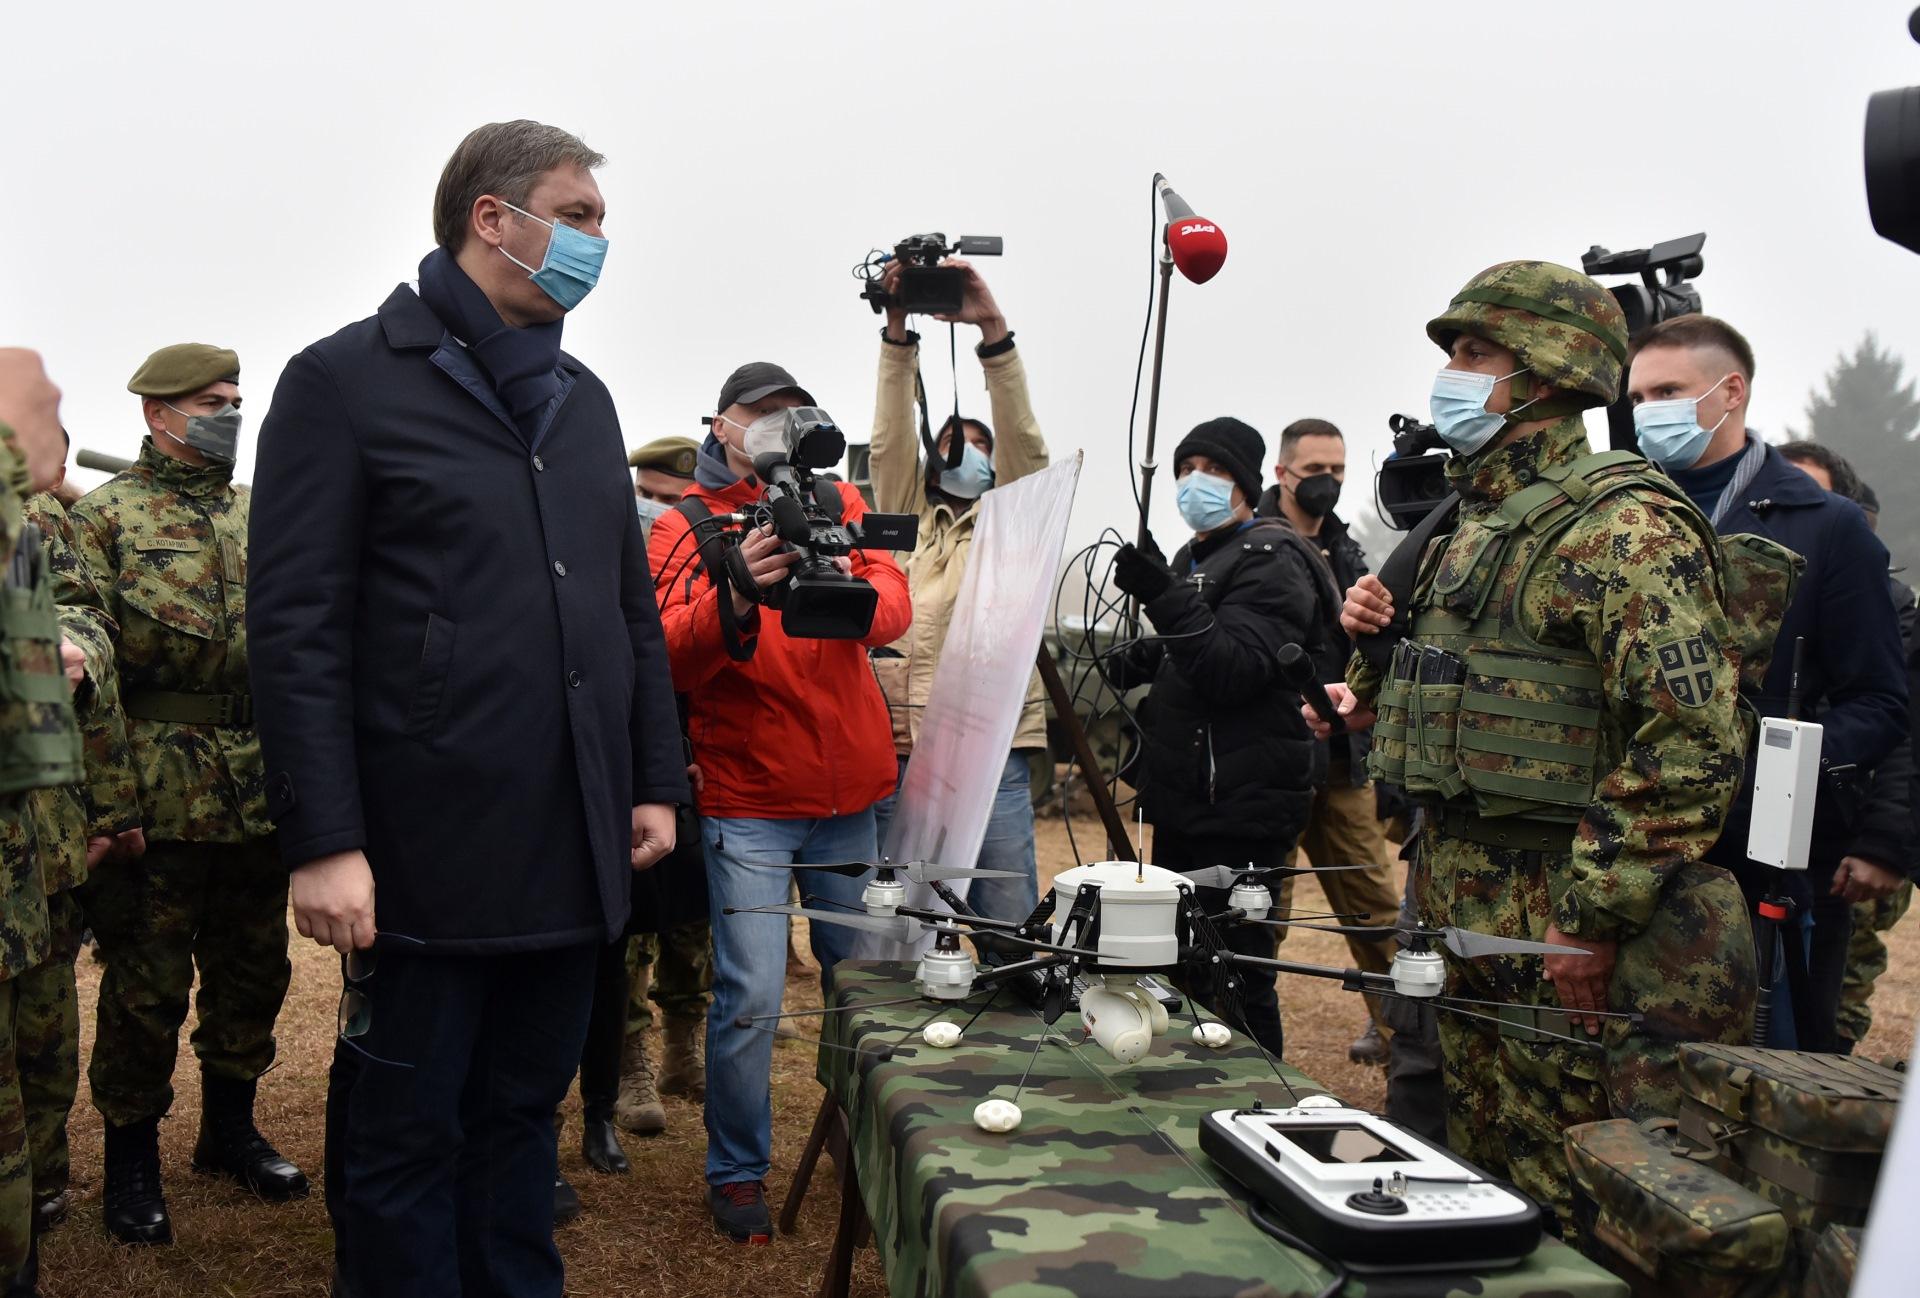 Tenkovi dobijeni od Rusije znacajan pomak